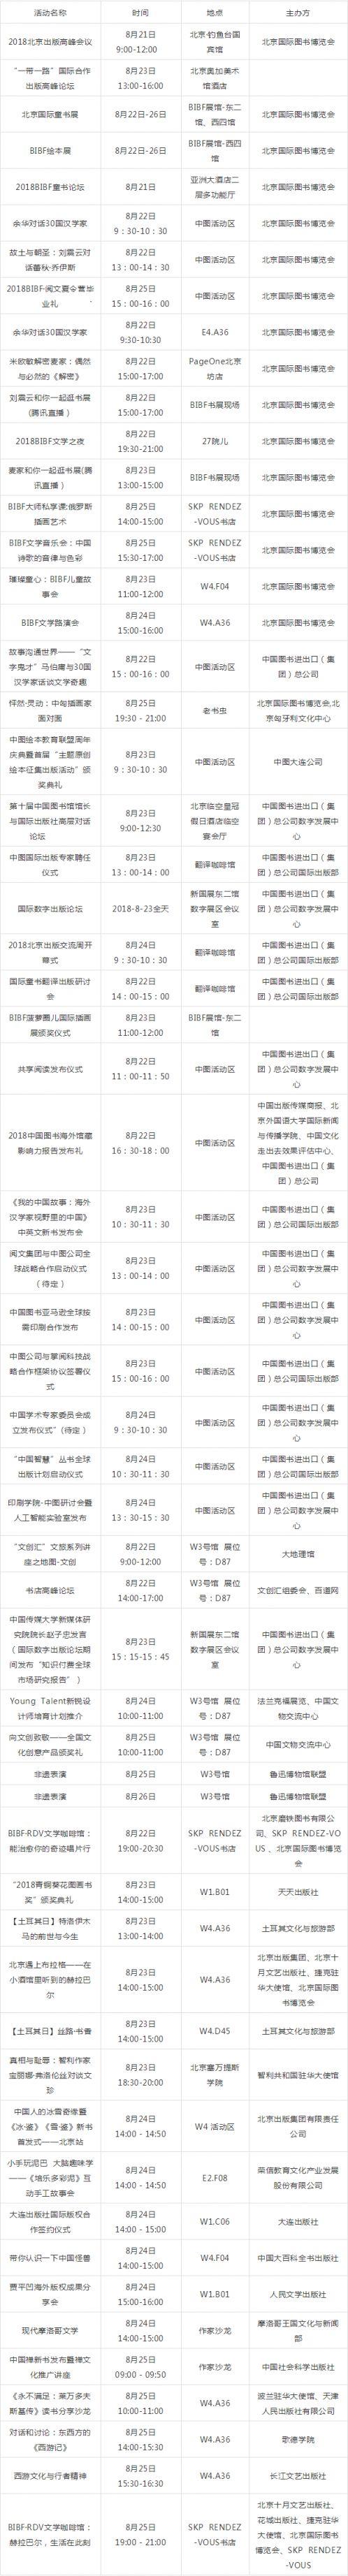 2018北京国际图书博览会重要活动汇总(时间+展位)